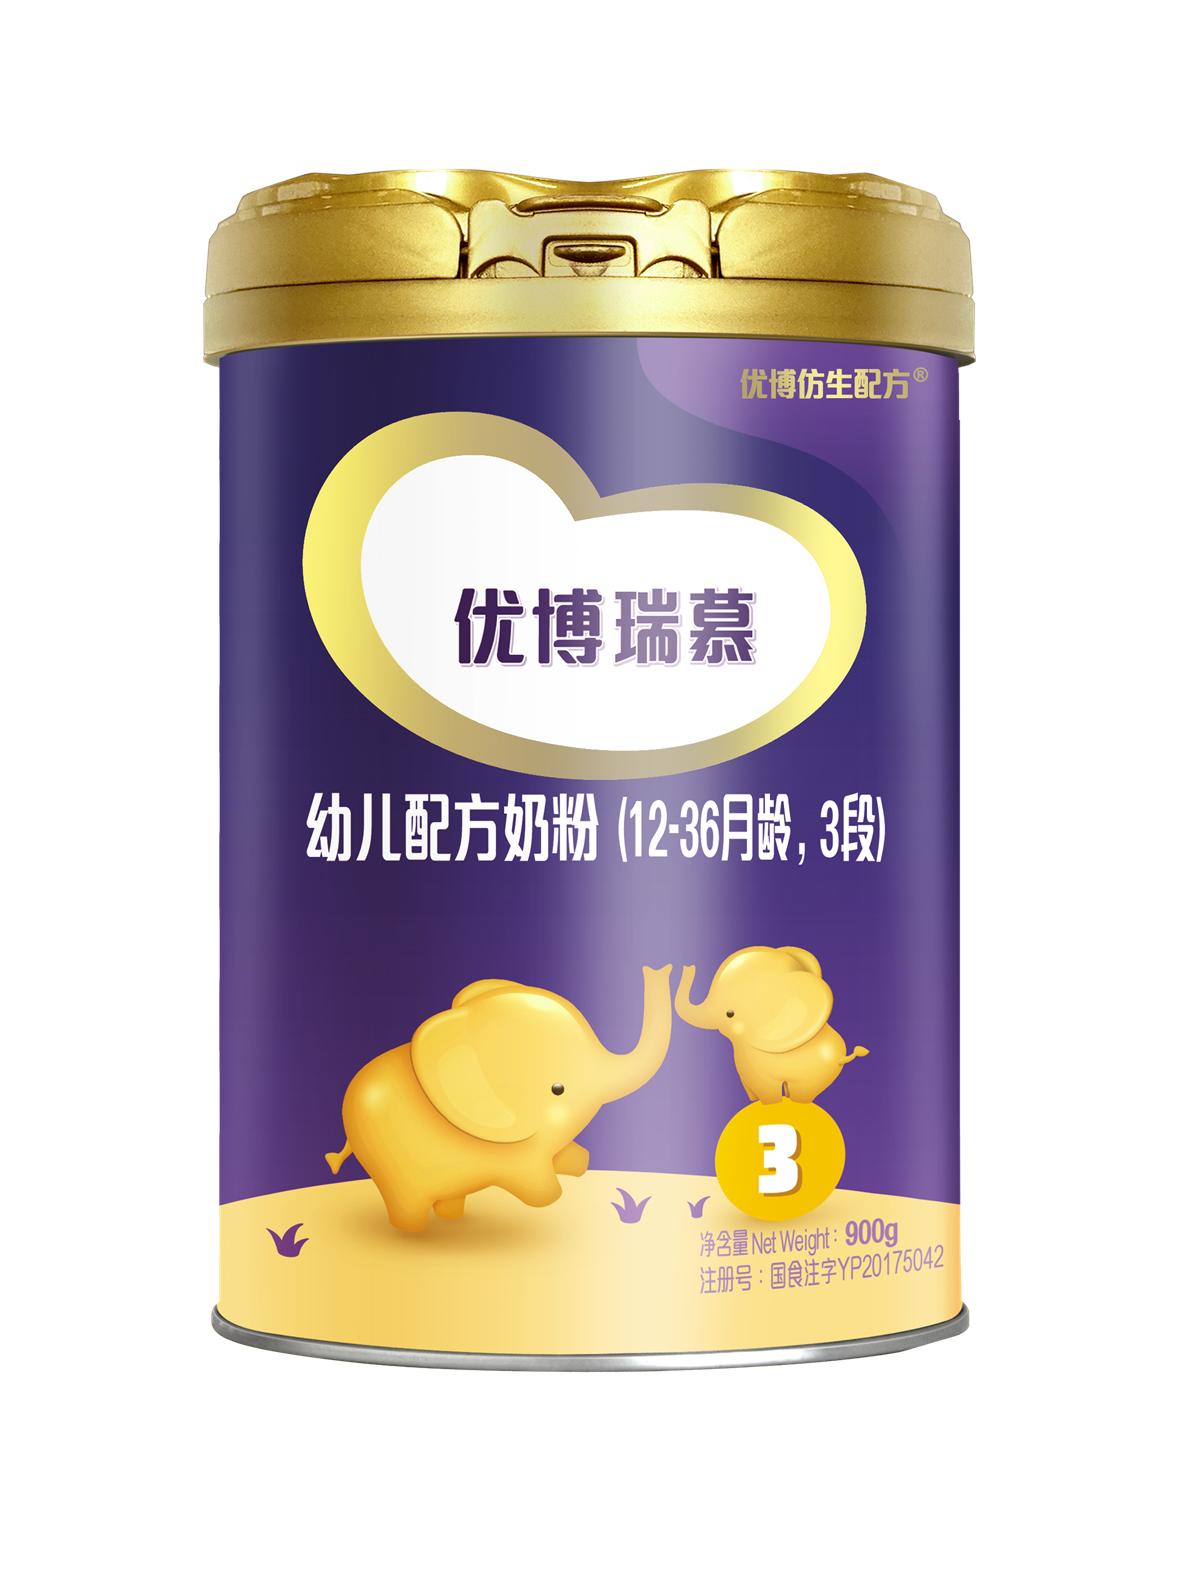 优博瑞慕幼儿配方奶粉(12-36月龄 3段)